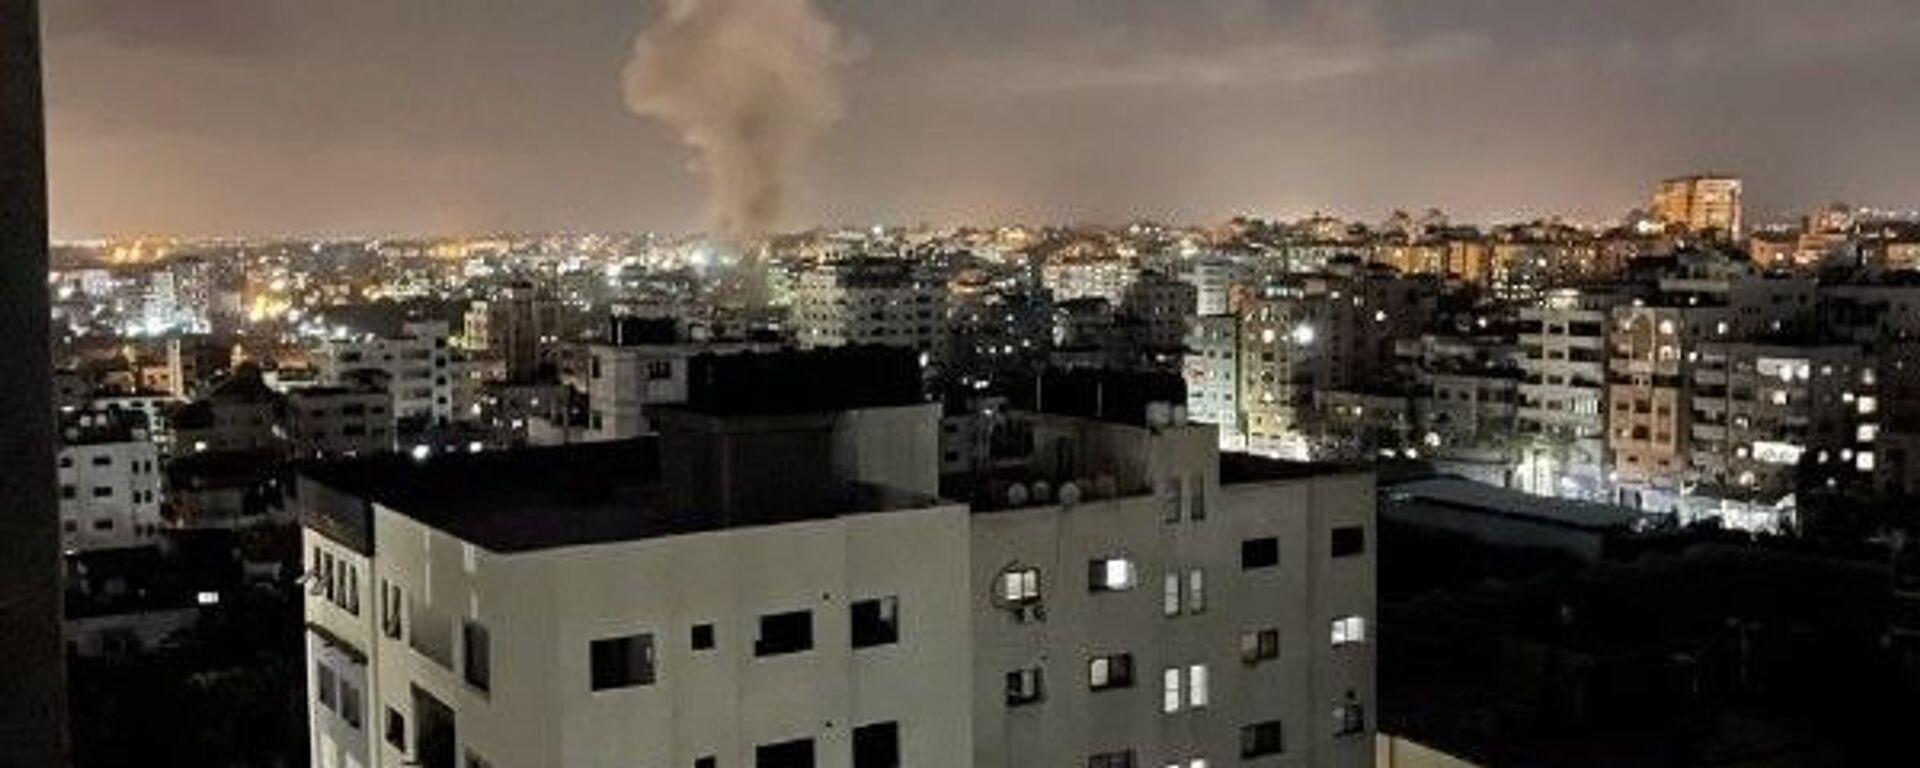 İsrail savaş uçakları, Gazze Şeridi'nin farklı bölgelerine hava saldırısı düzenledi. - Sputnik Türkiye, 1920, 12.09.2021